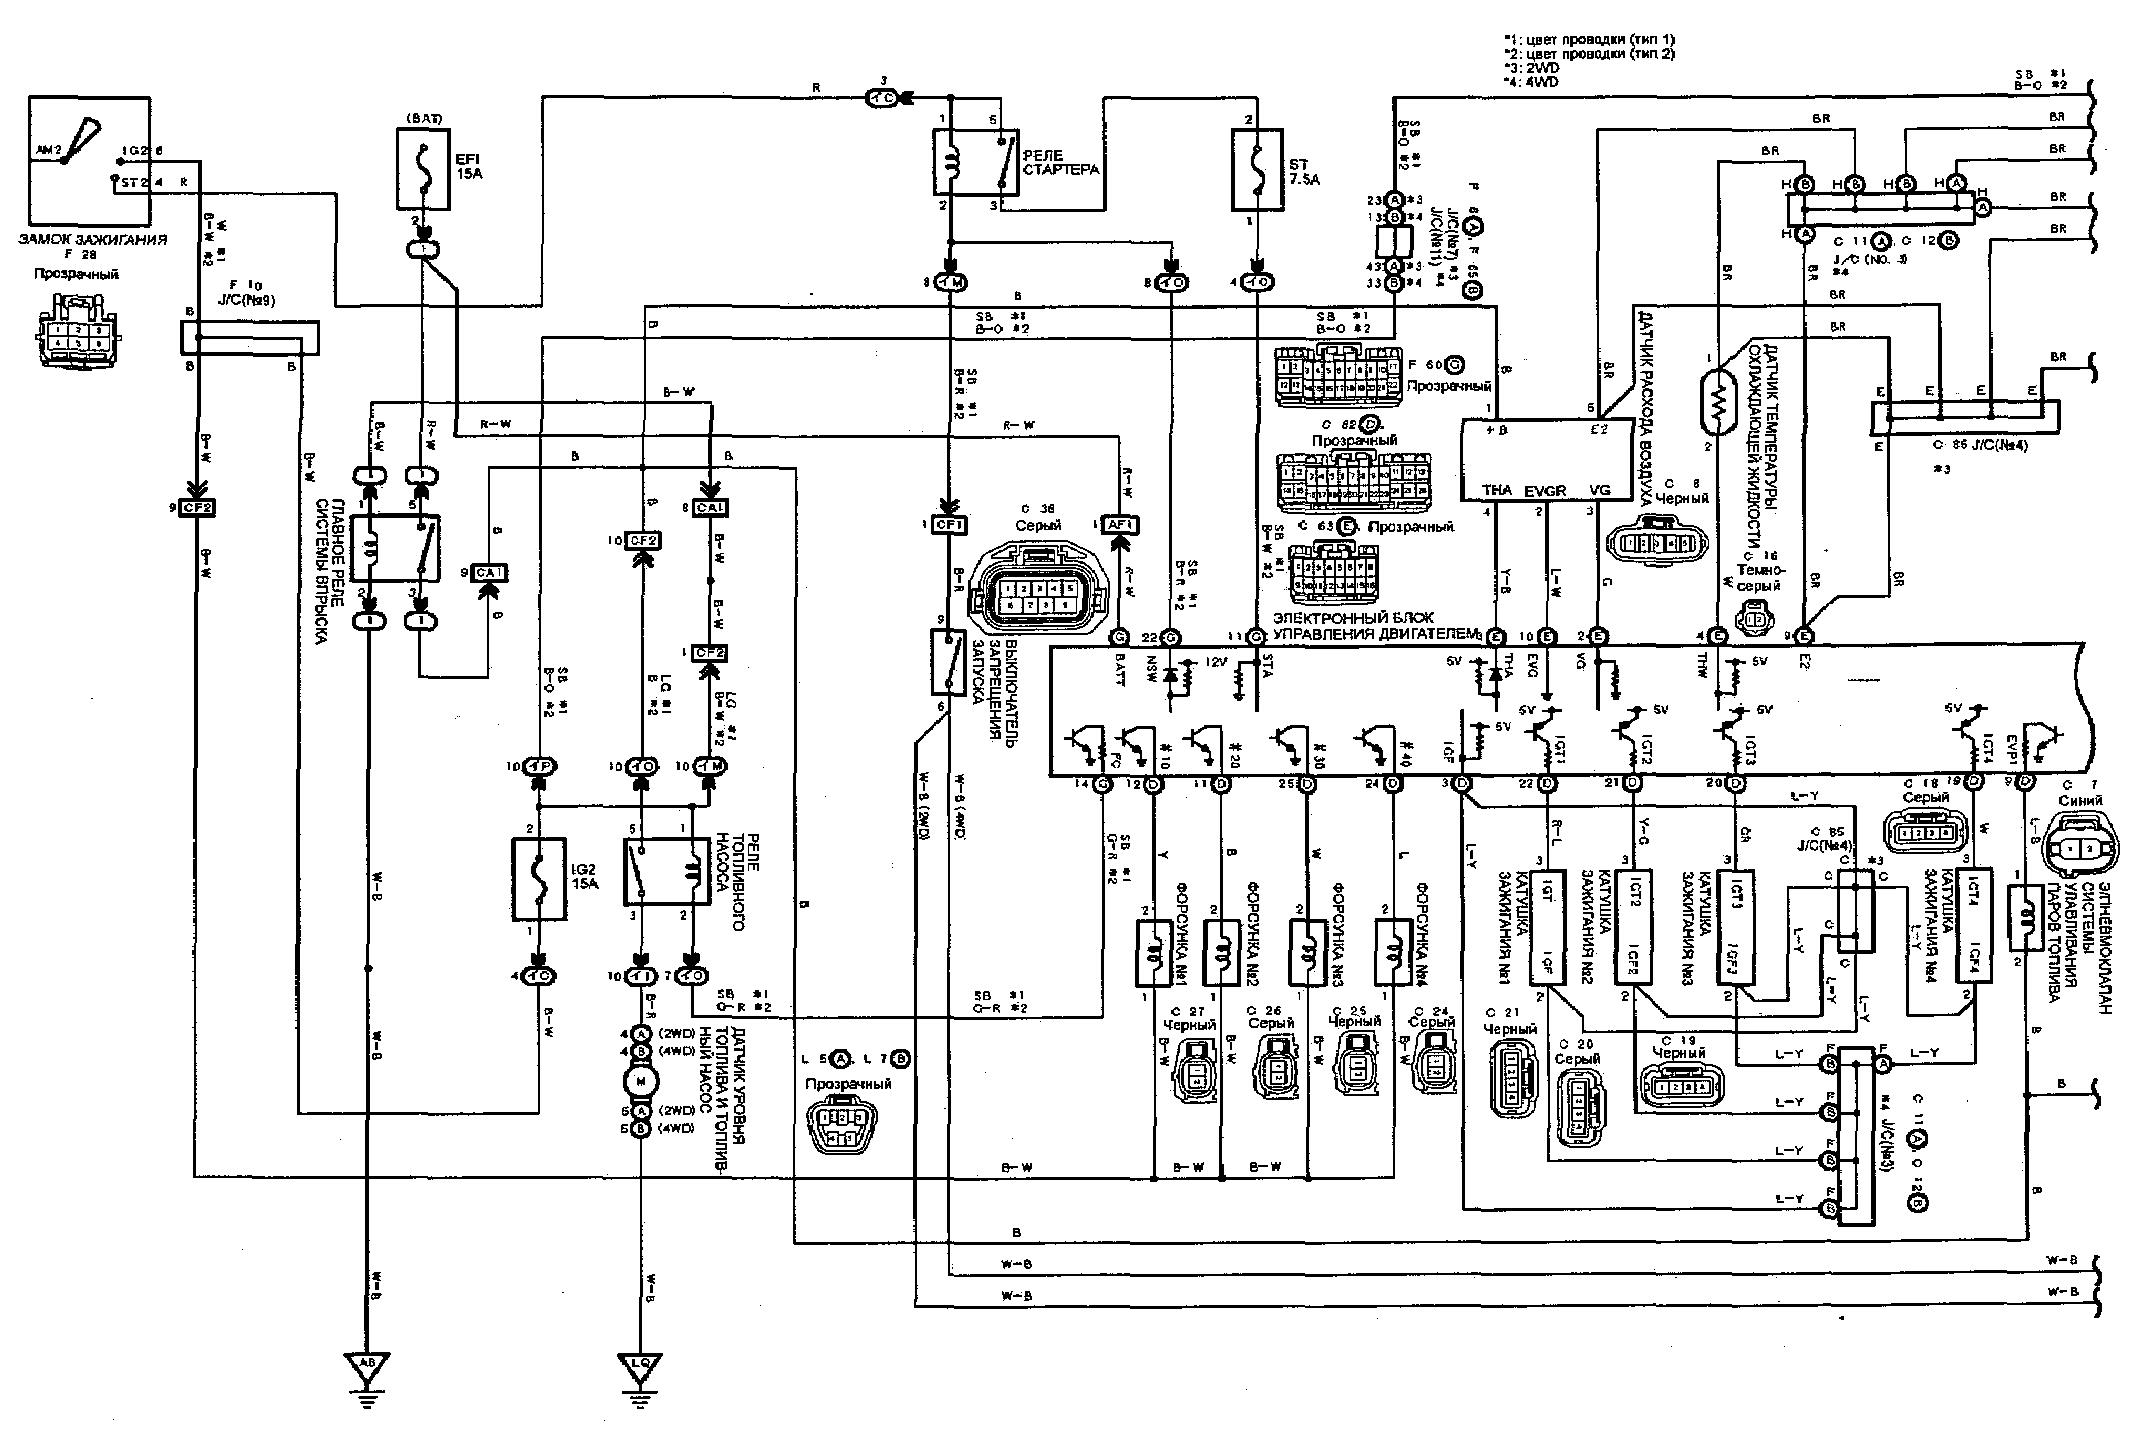 1zz схема двигателя ремонт